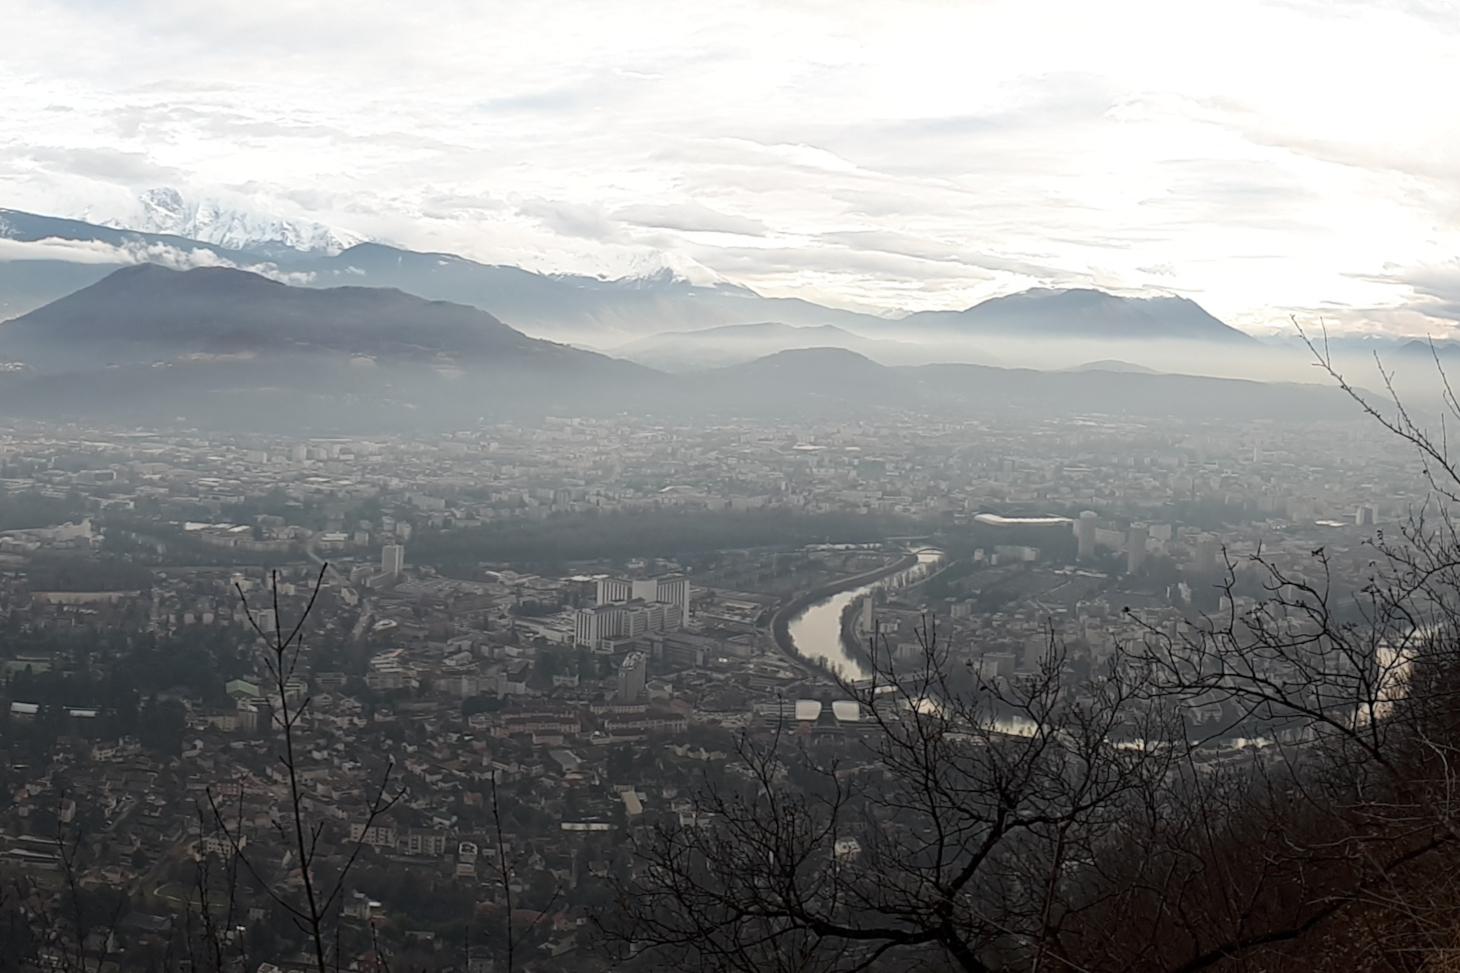 ©IRD - Gaëlle Uzu (Inversion de température au-dessus de la ville de Grenoble, qui plaque les polluants au sol)